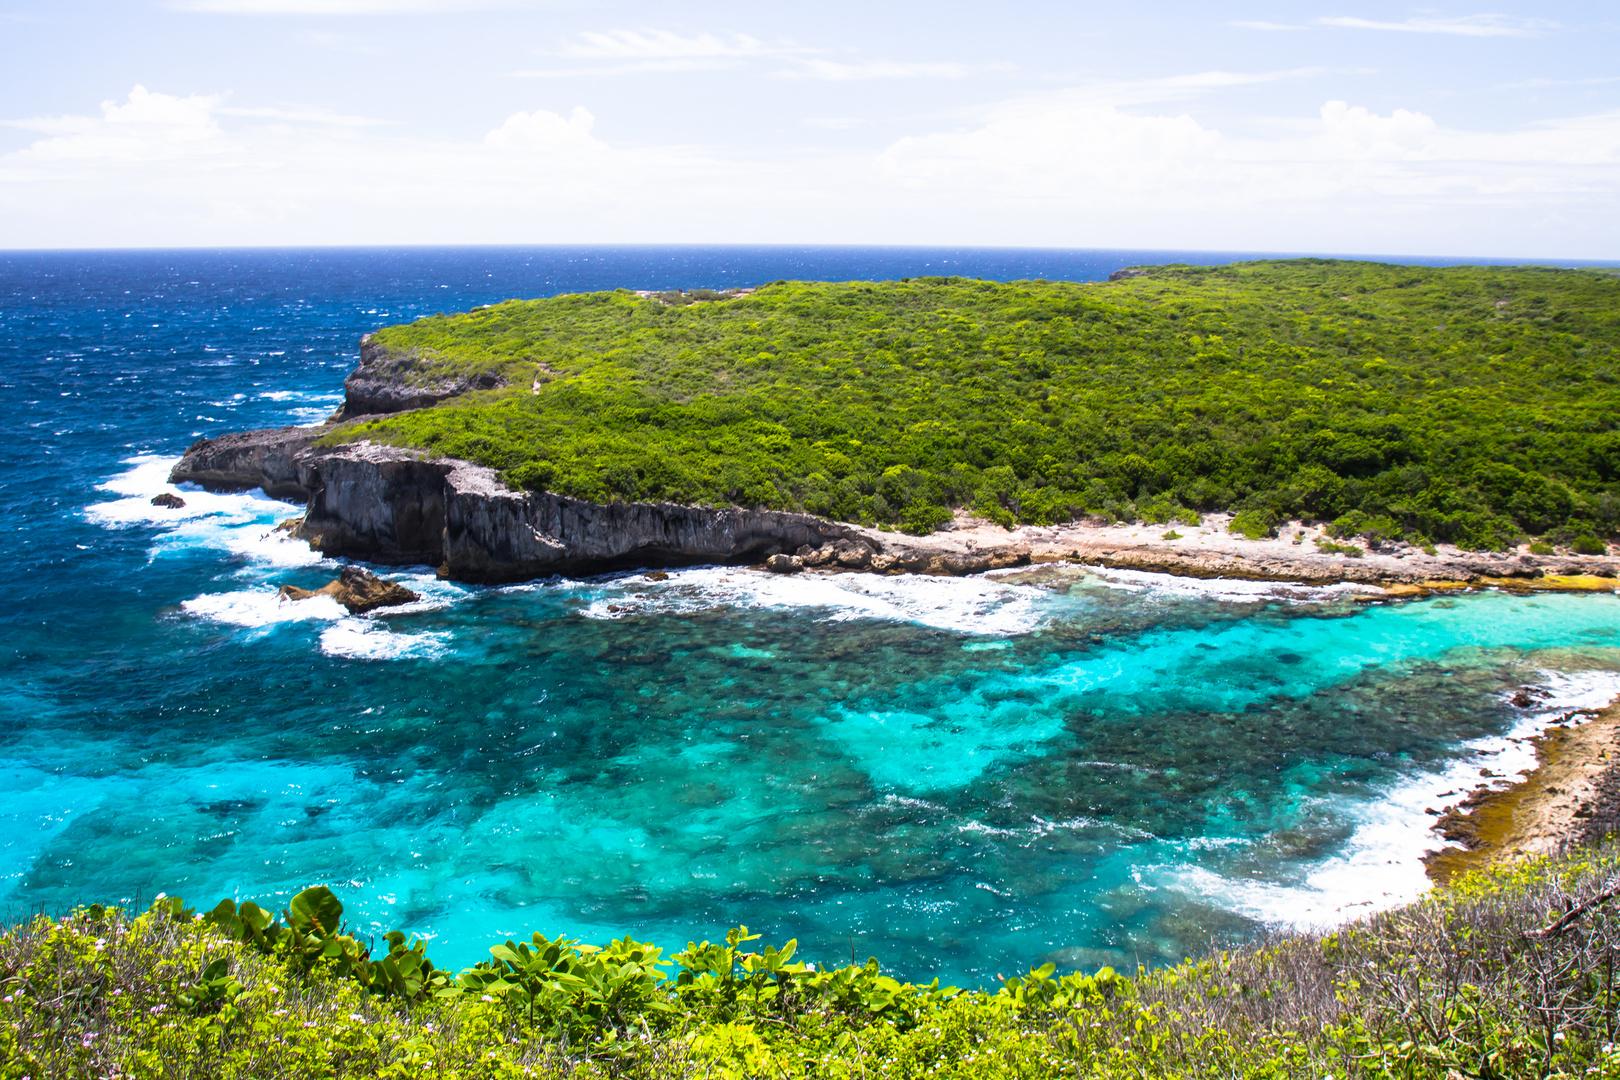 Steilküste auf Guadeloupe